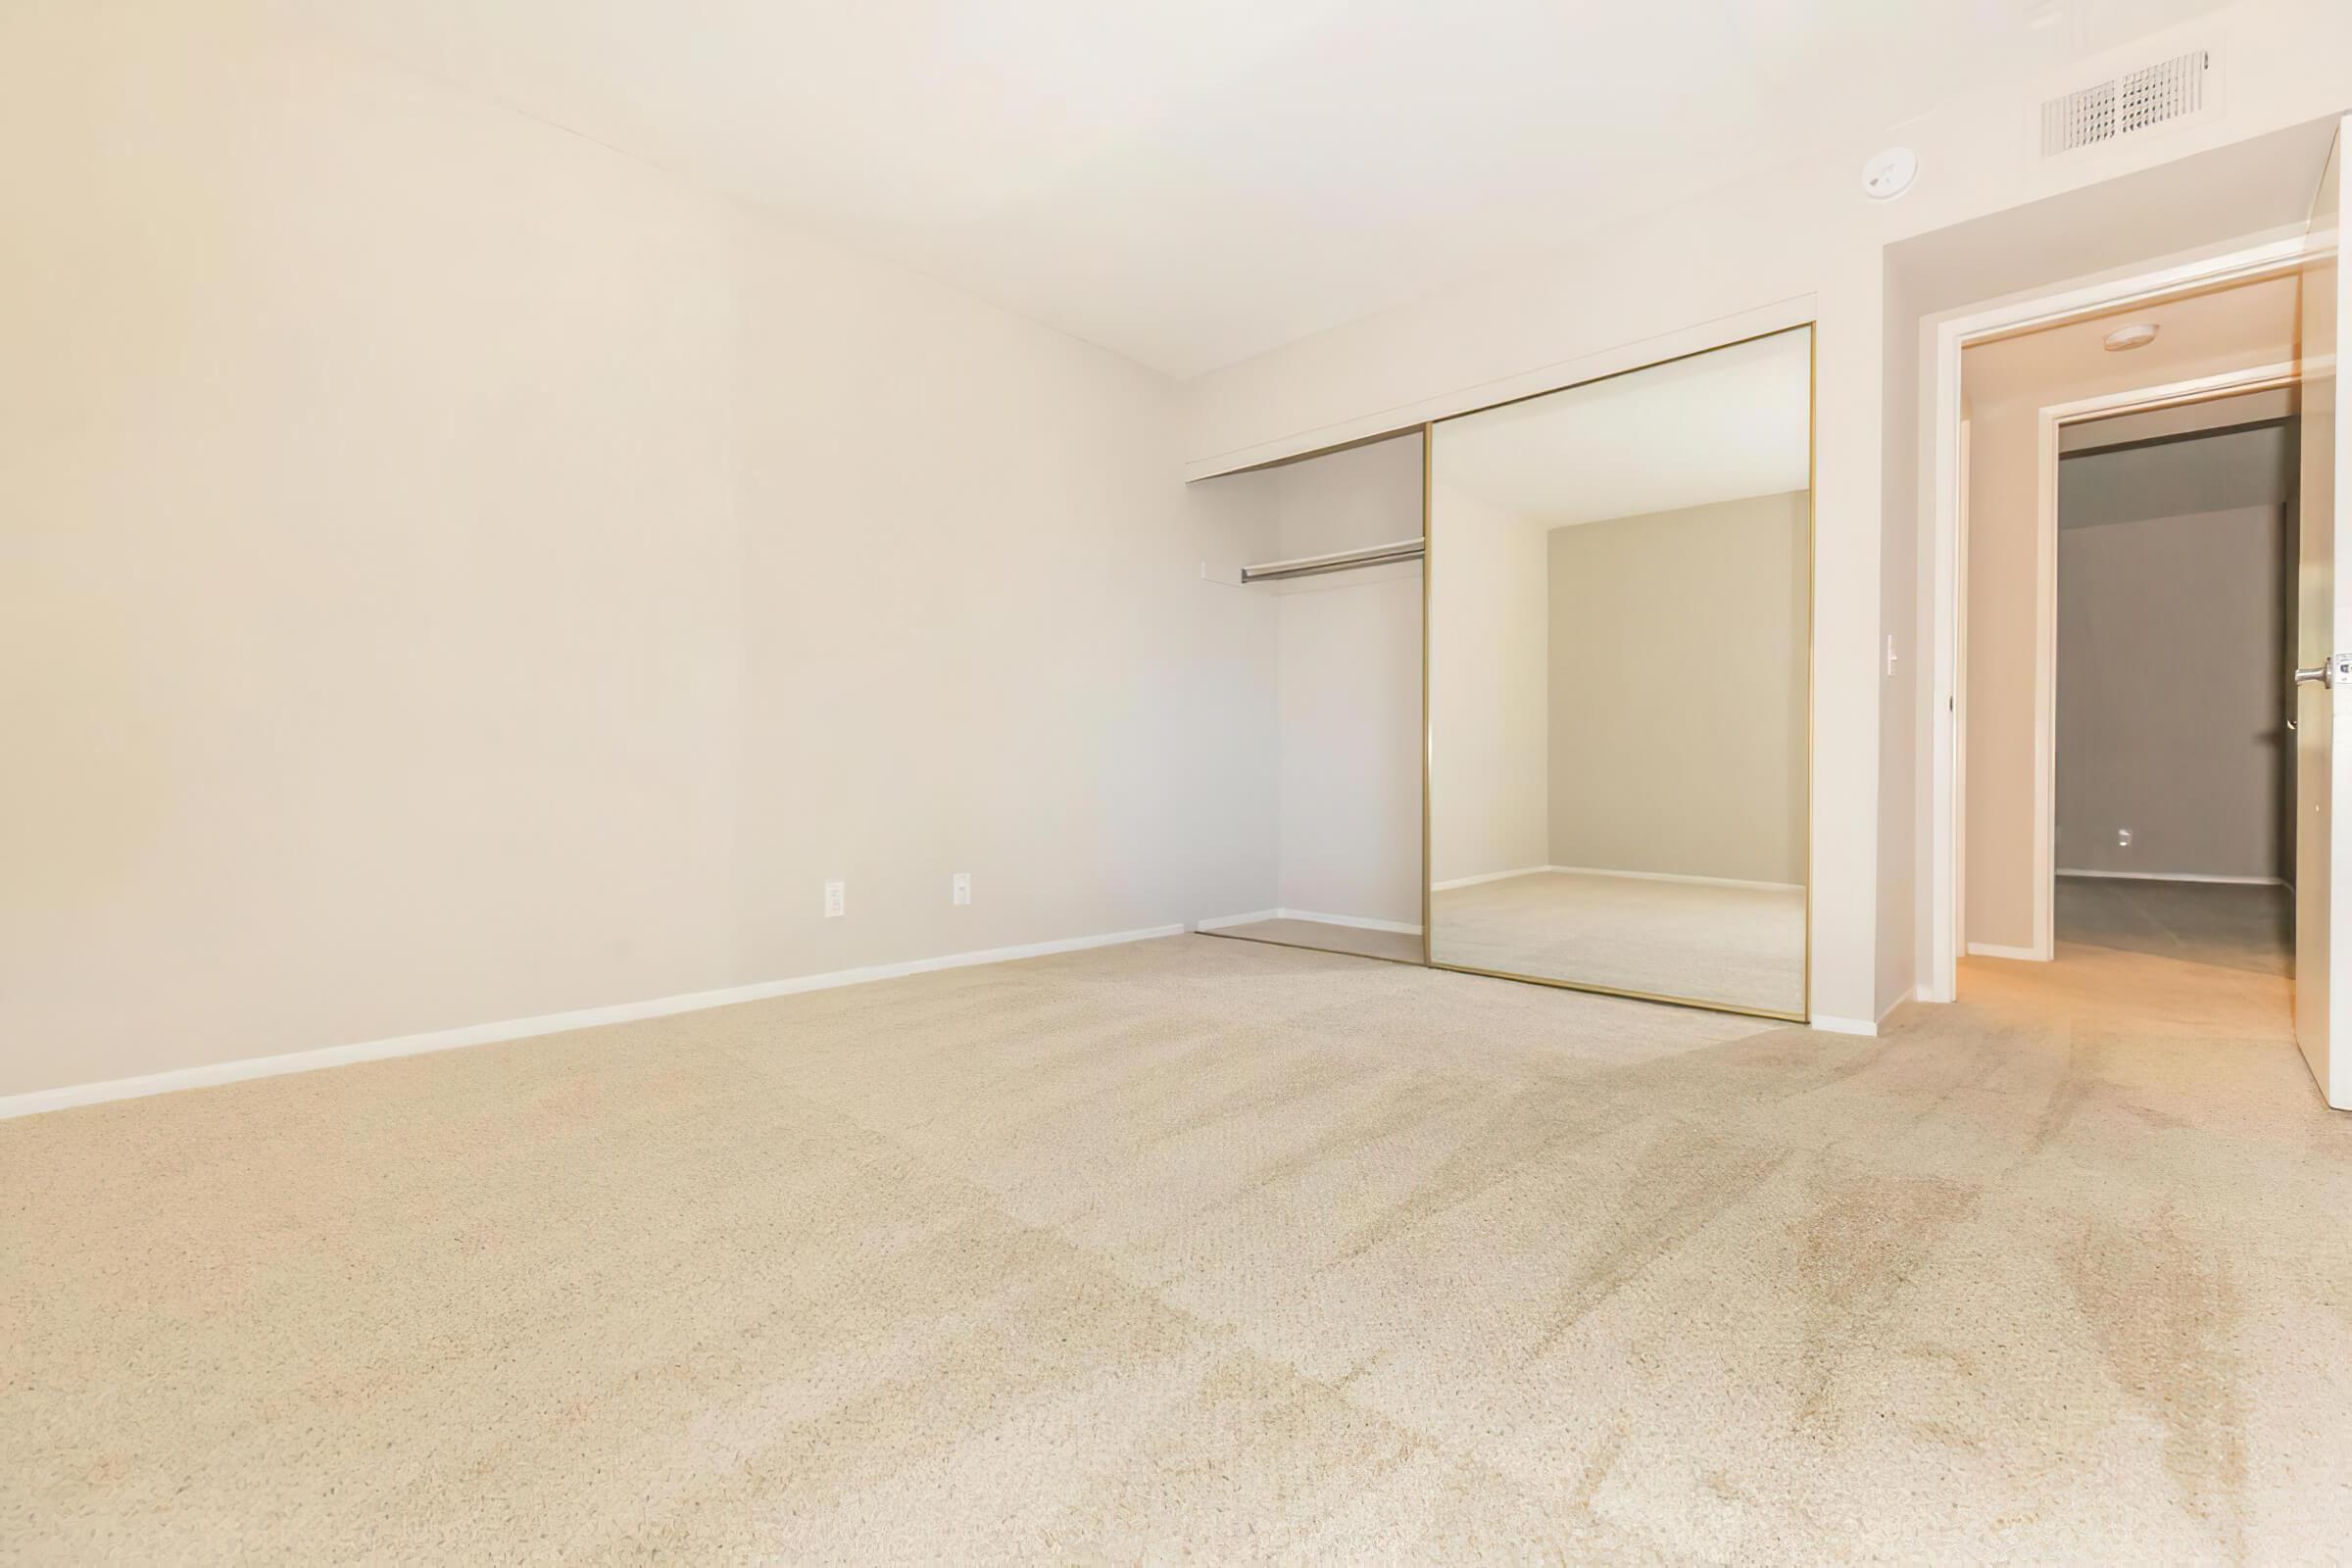 Vacant bedroom with open sliding mirror glass closet door